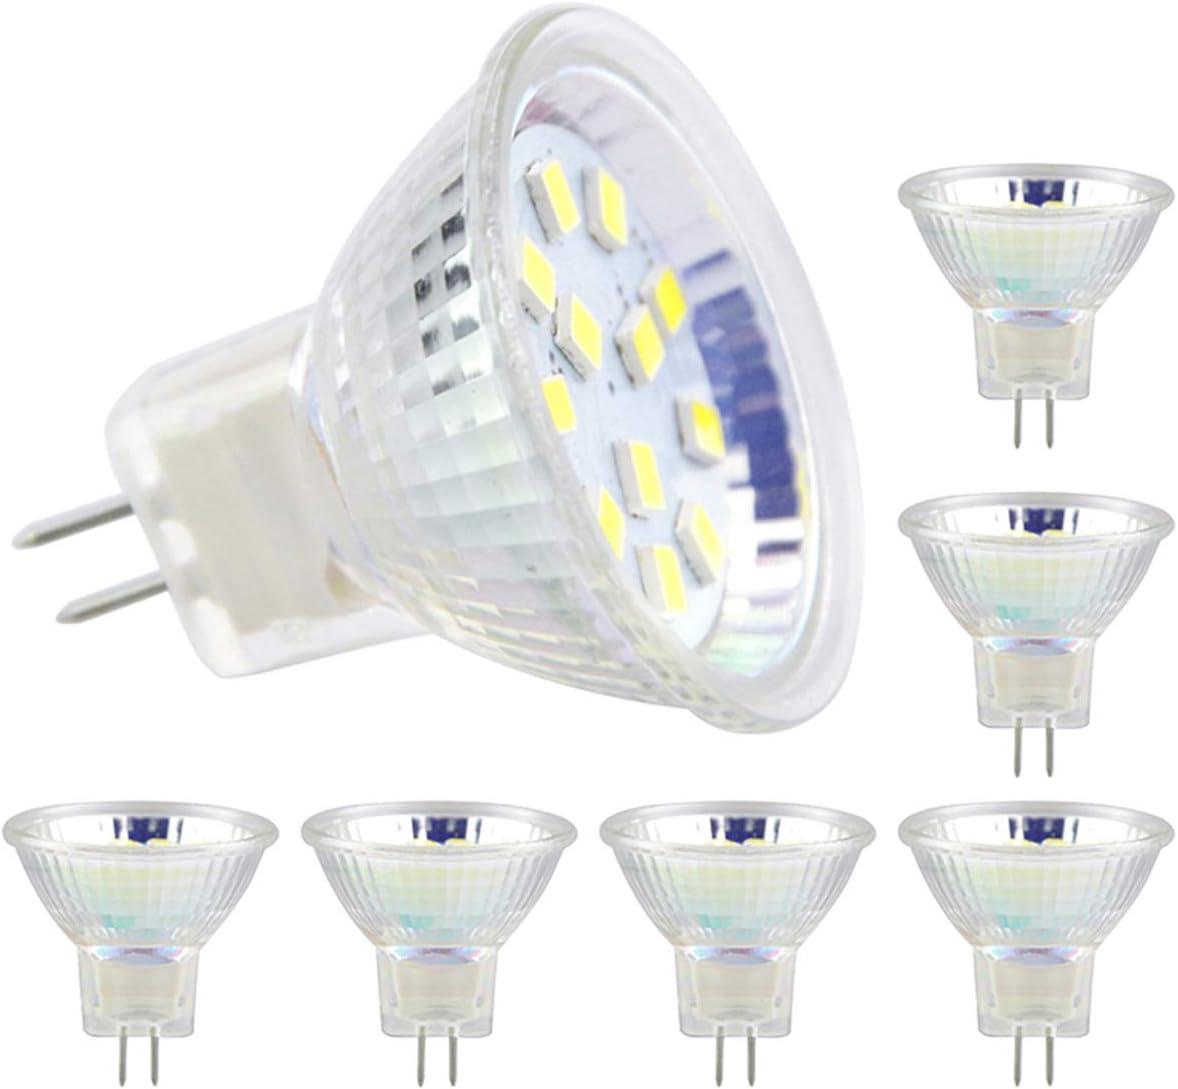 6pcs bombillas LED MR11 bombilla reflectora GU4 bombillas led 5W 18LEDs 20W 30W bombillas halógenas equivalentes no regulables bombilla LED 12V CA/CC para el paisaje en casa Iluminación de la pista